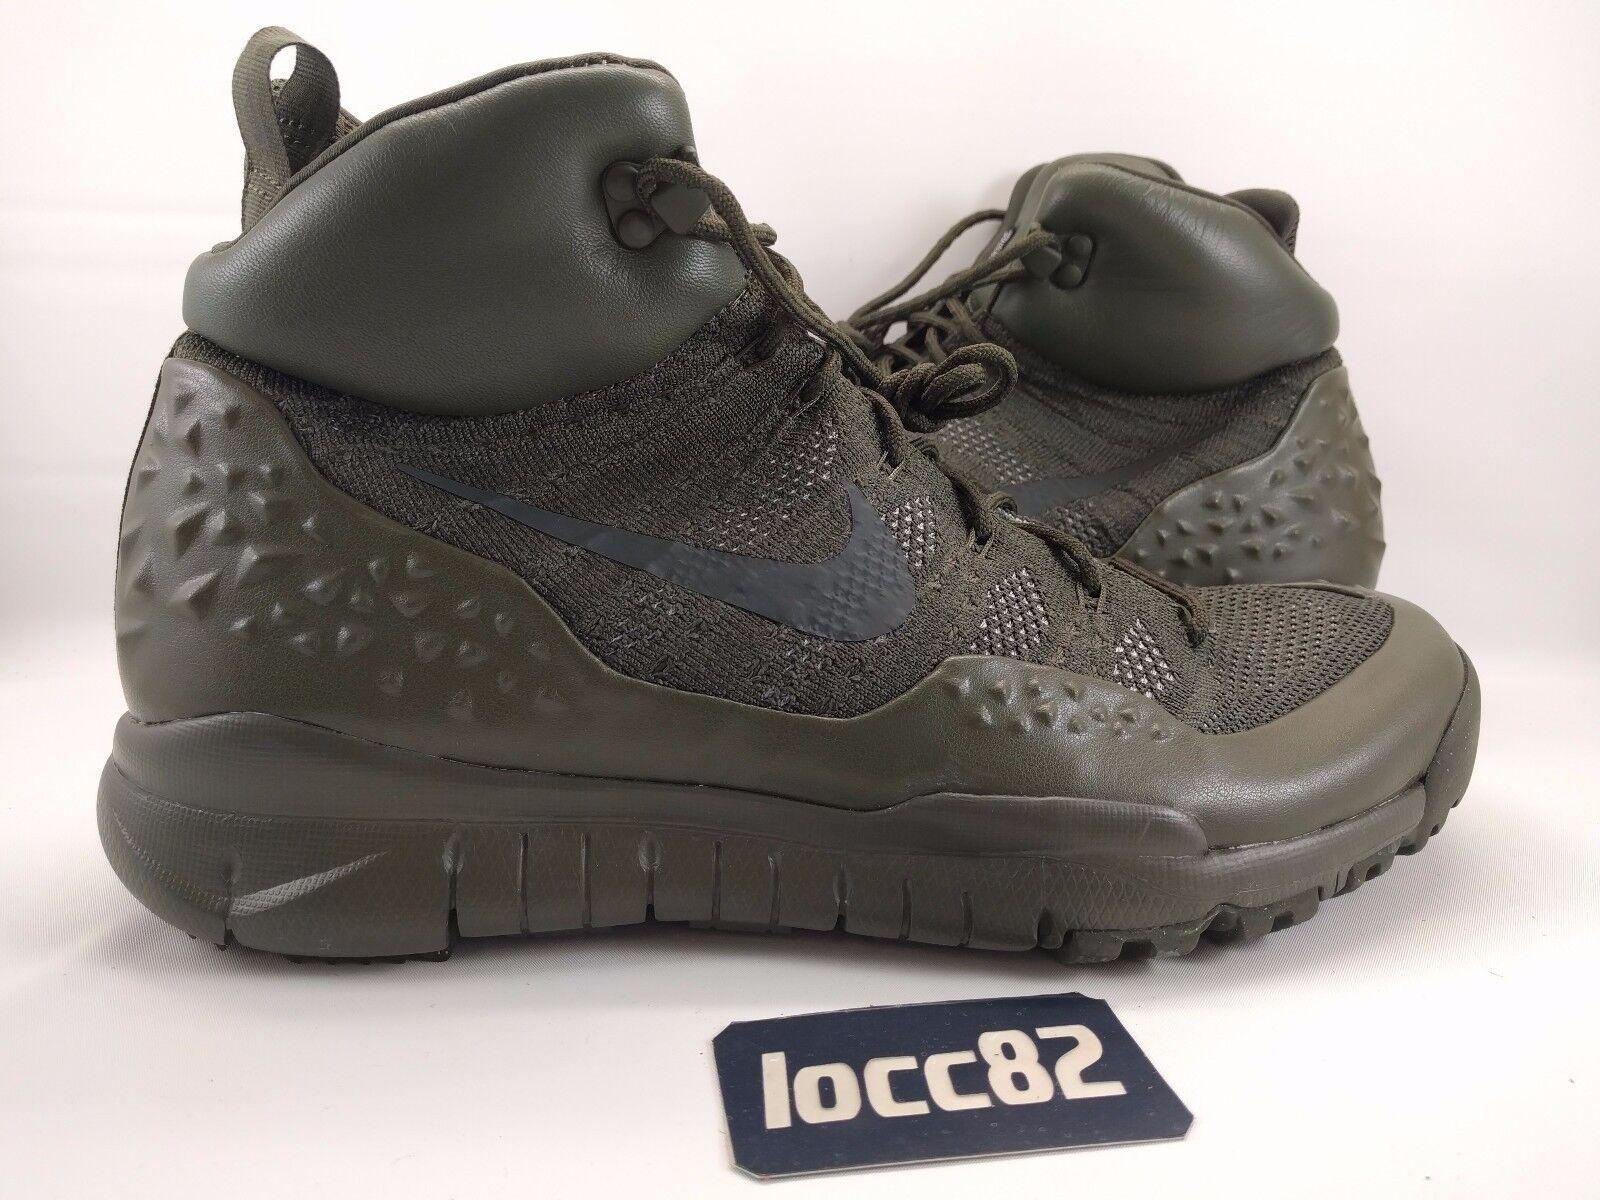 Nike uomini lupinek flyknit sz mimetico 12 [862505 300] dell'esercito mimetico sz d3adfc